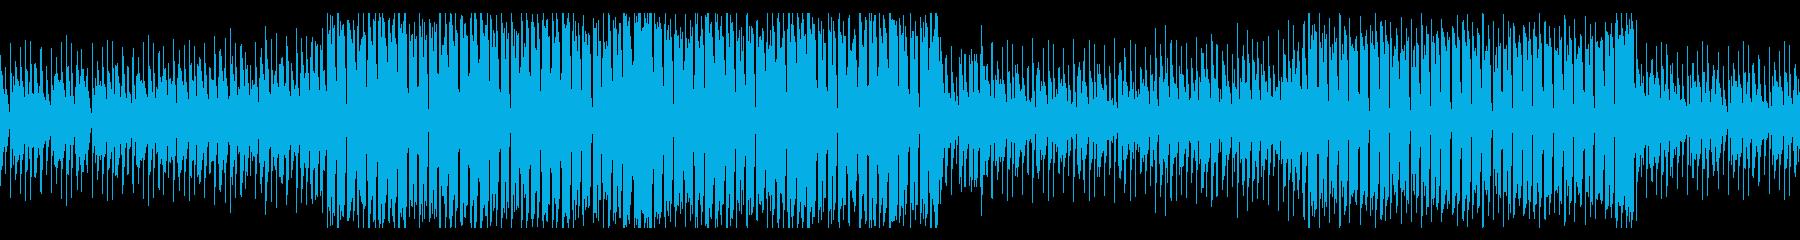 軽快なジャズドラムのエレクトロスウィングの再生済みの波形